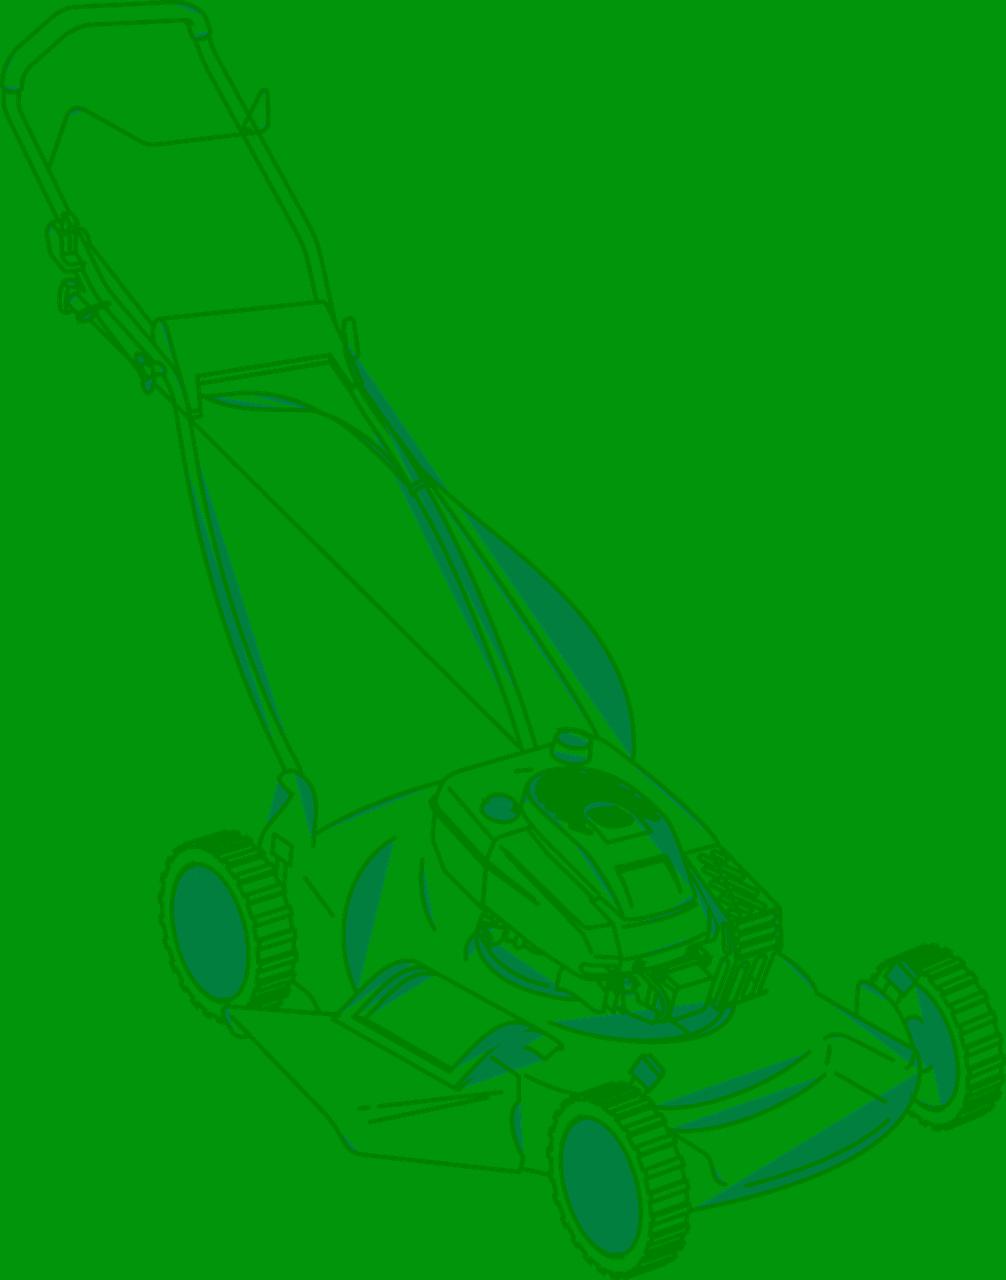 lawn mower, grass, cut-311862.jpg